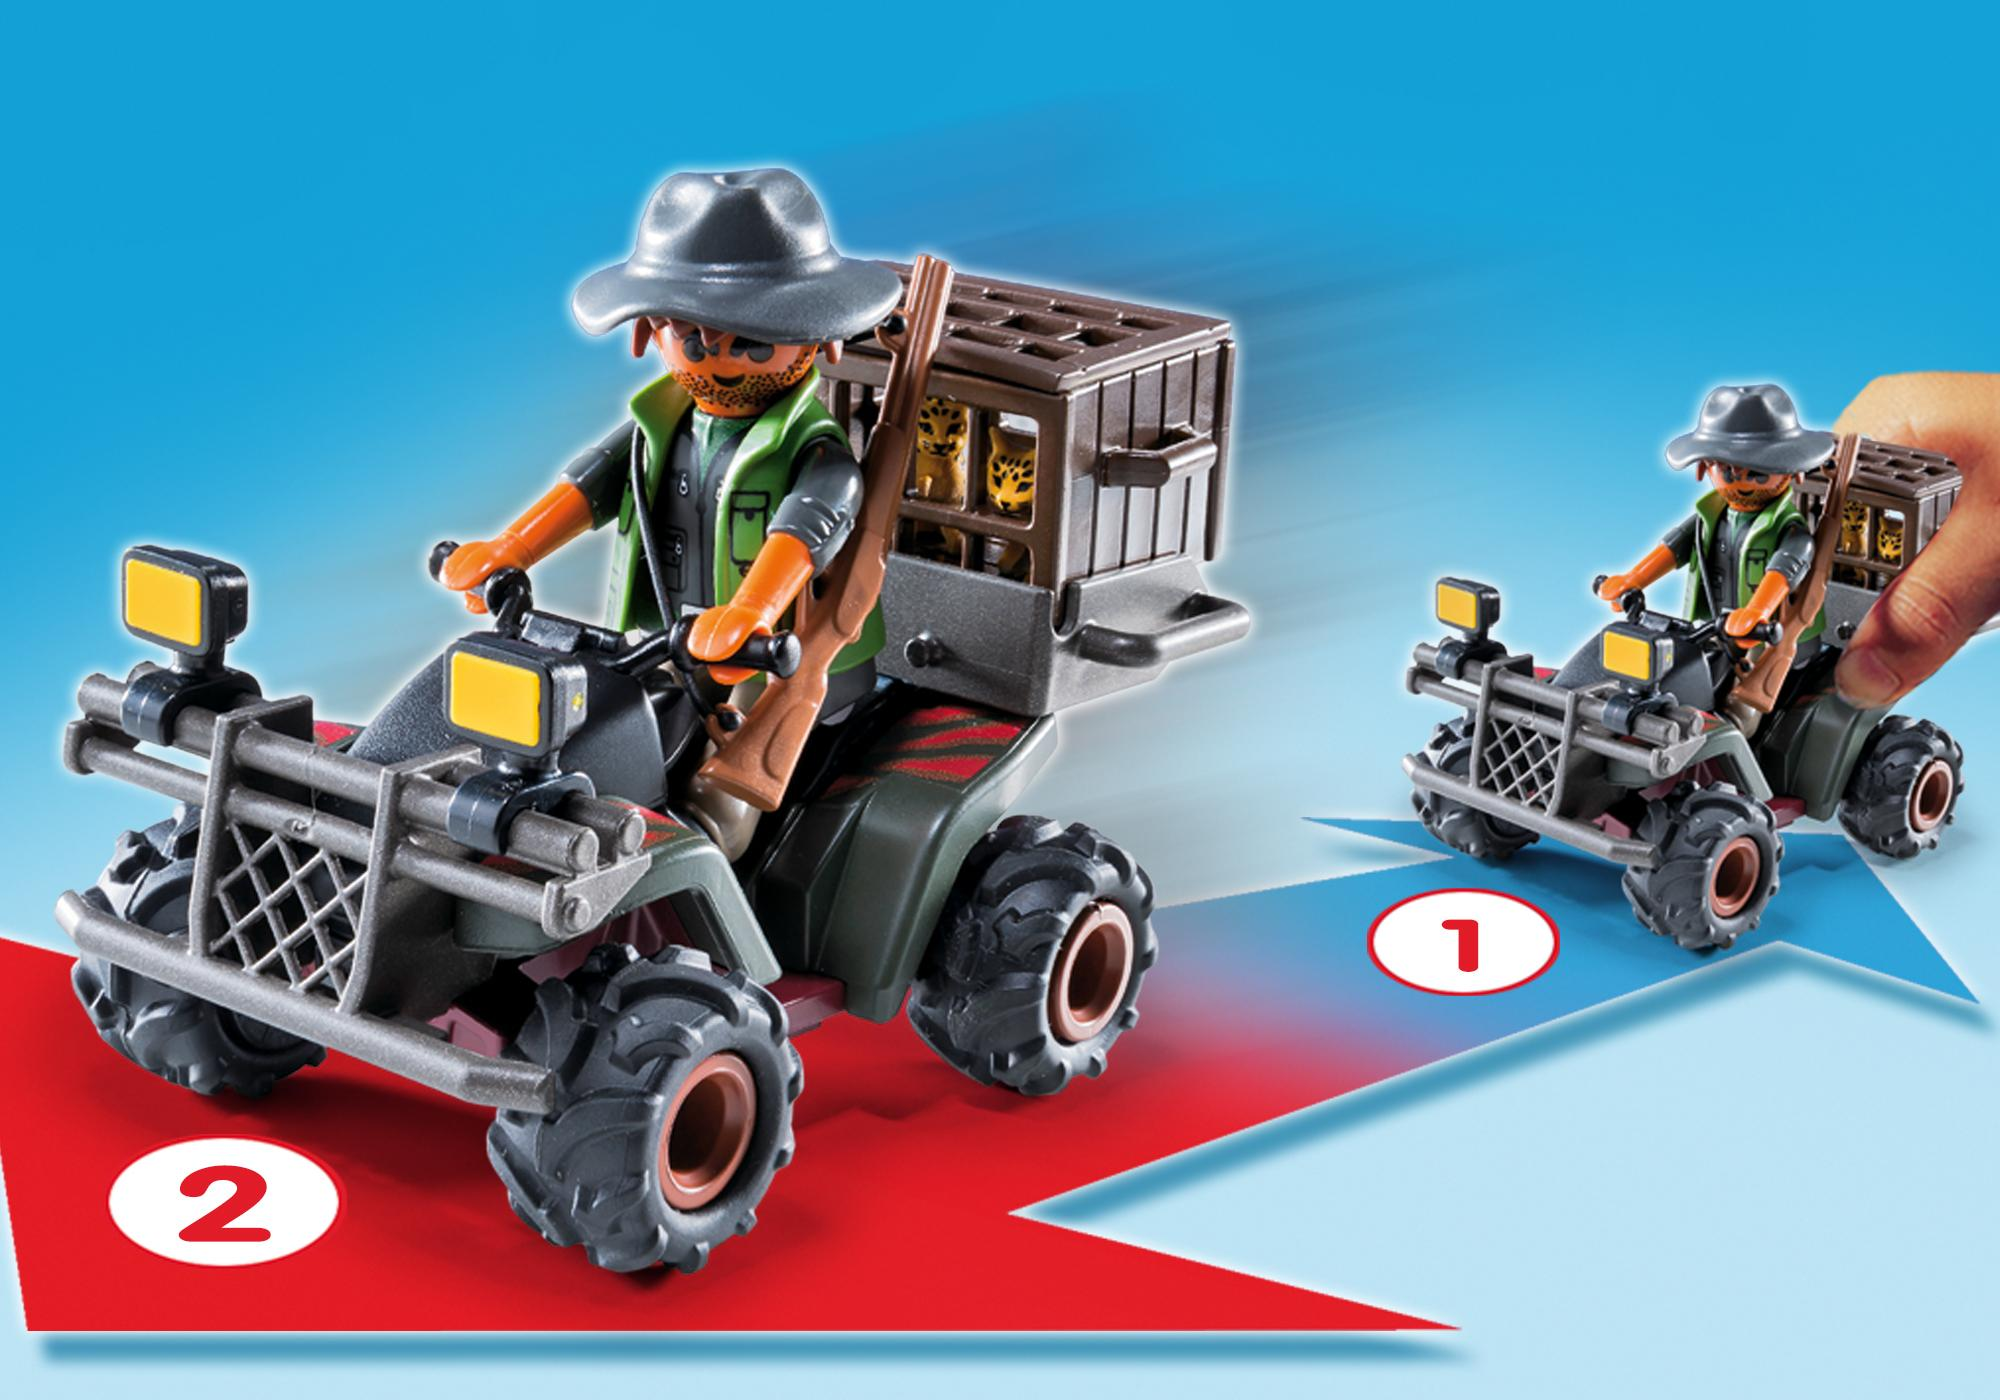 http://media.playmobil.com/i/playmobil/6939_product_extra1/Evil Explorer with Quad